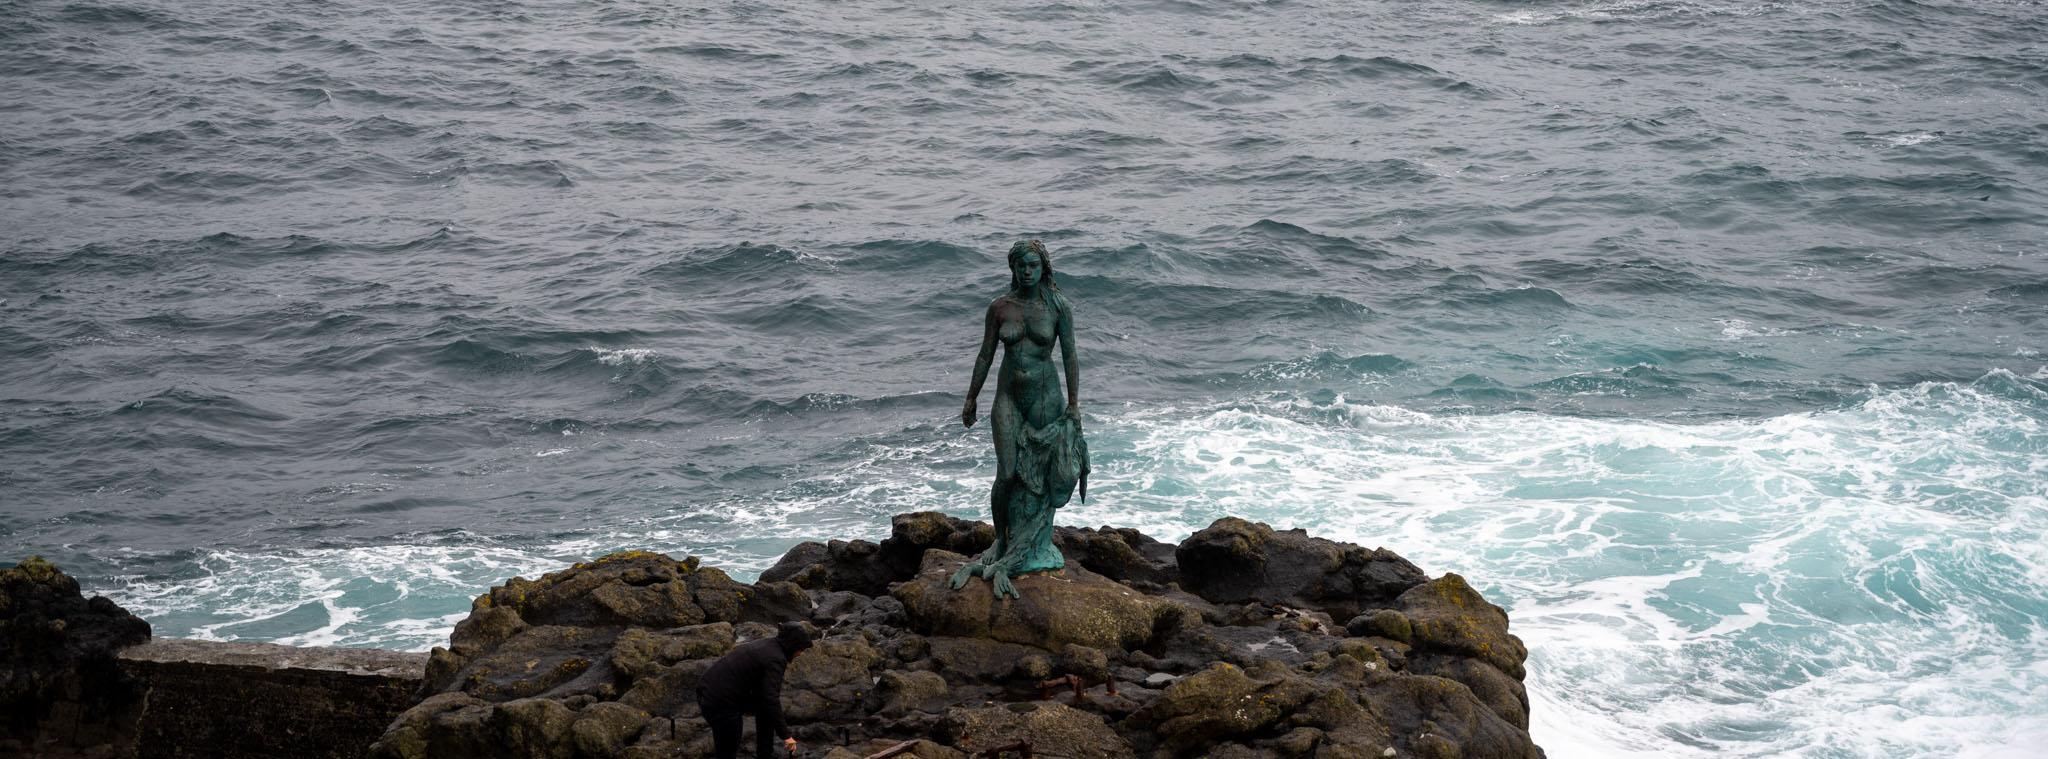 Robbenfrau Insel Kalsoy